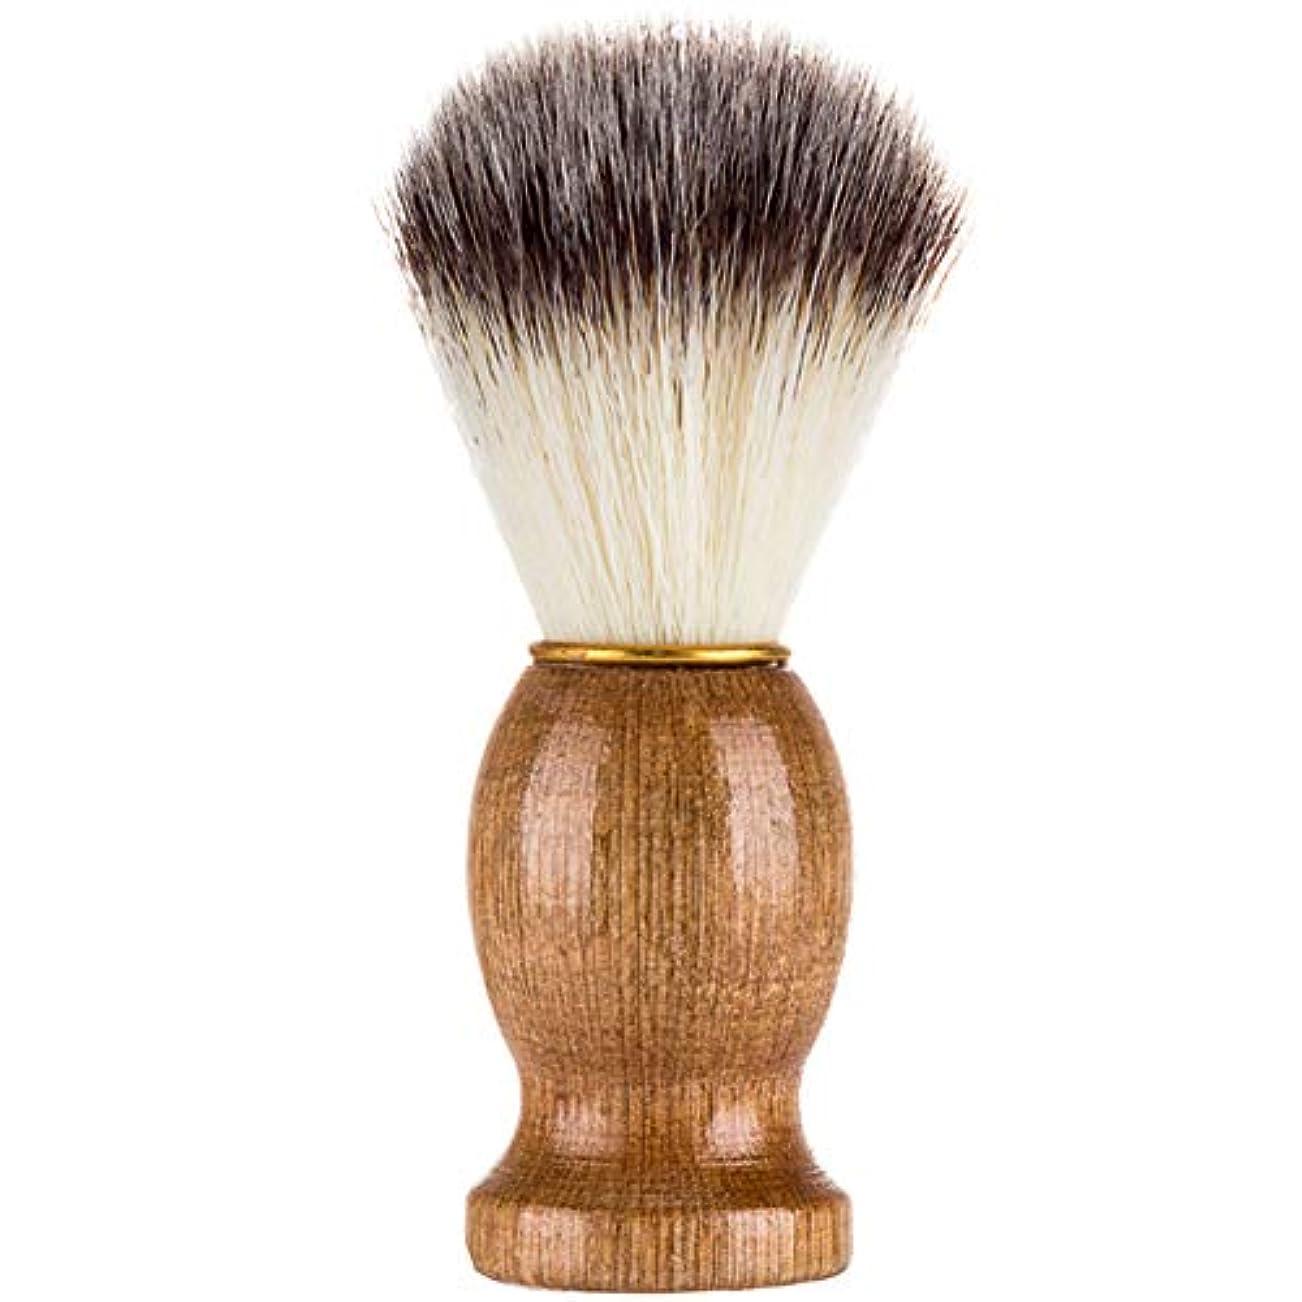 神経障害エール現実Profeel シェービングブラシ、シェービングブラシ、男性シェービングブラシシェービングかみそりブラシサロン理髪店用ツールひげ剃り用品